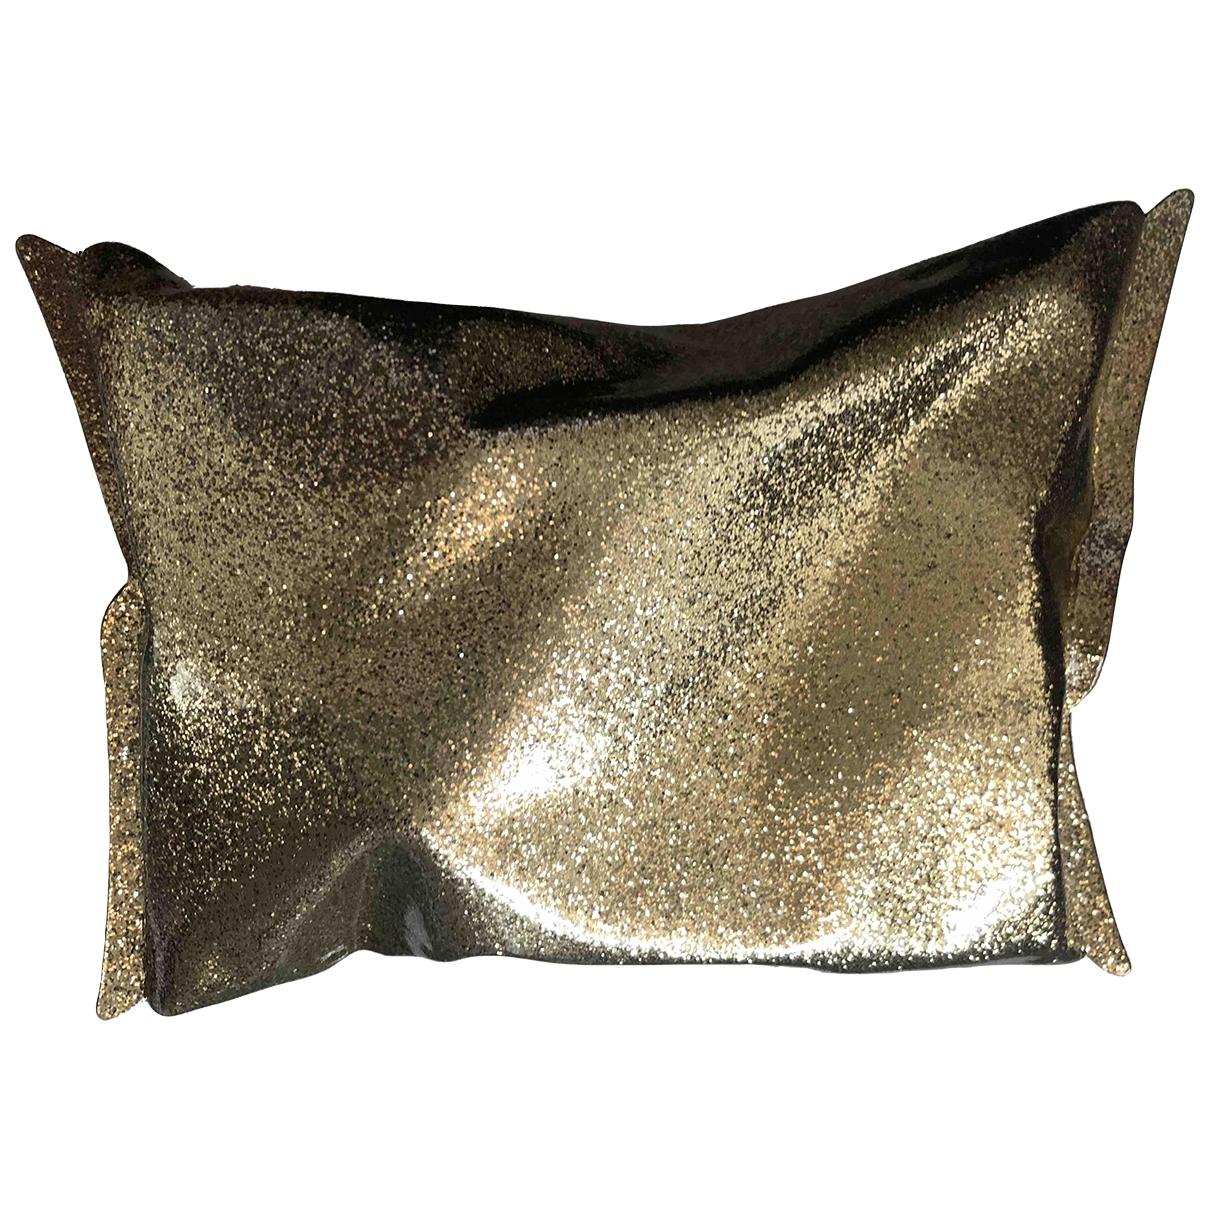 Bolsos clutch Crisp Packet en Plastico Dorado Anya Hindmarch